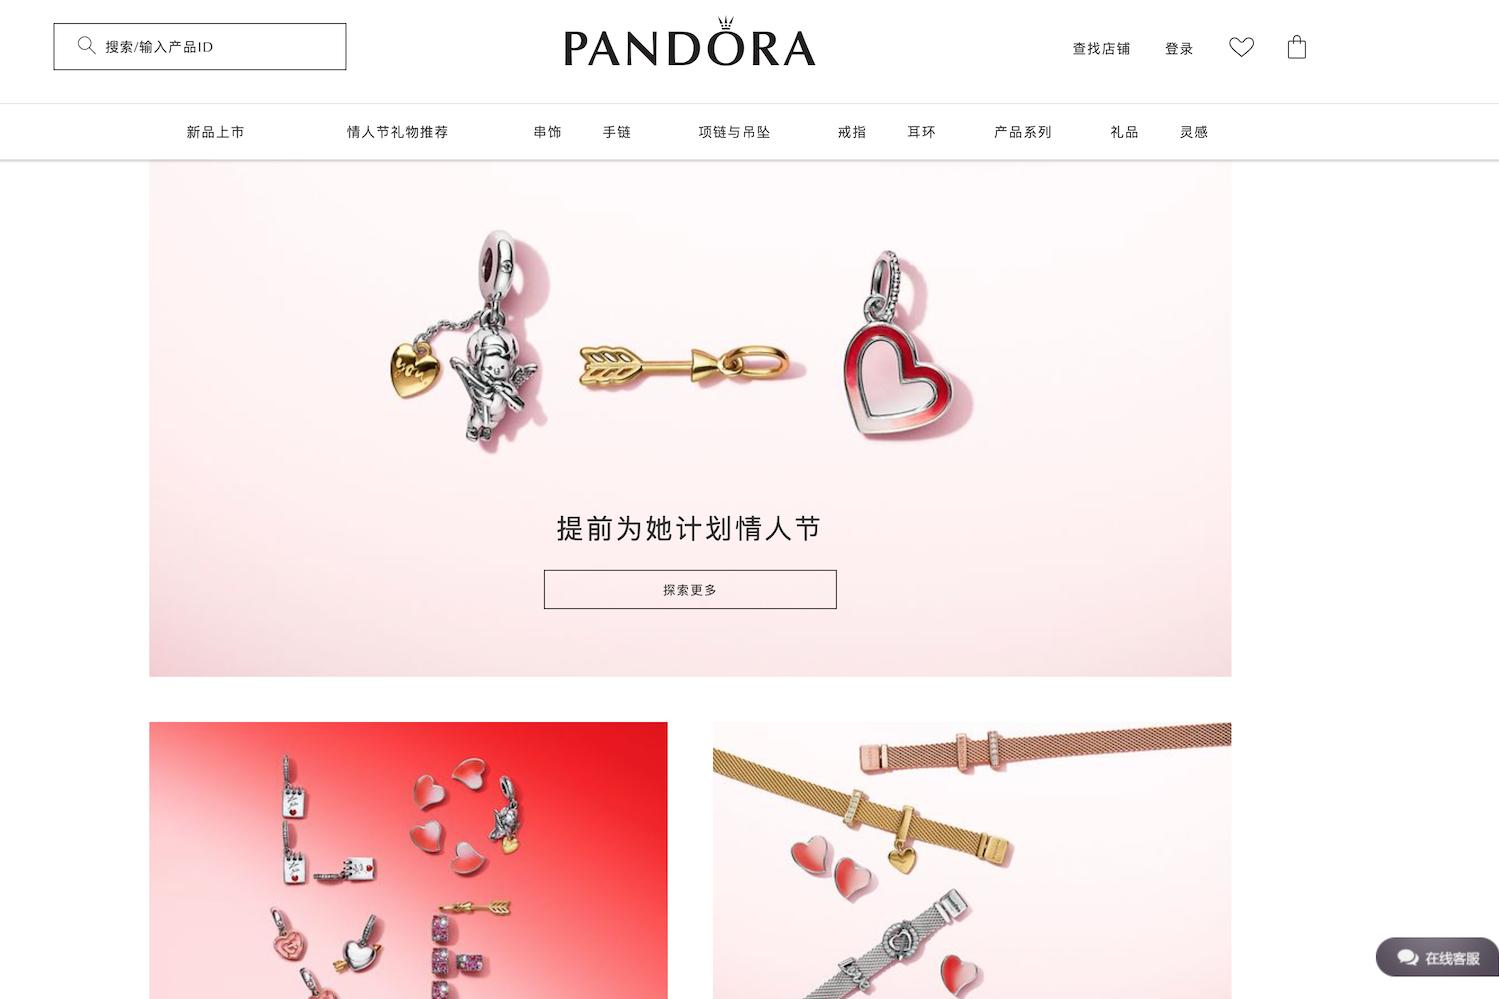 丹麦珠宝品牌Pandora上季度中国可比销售恢复增长,公布全新战略举措,股价应声大涨18%